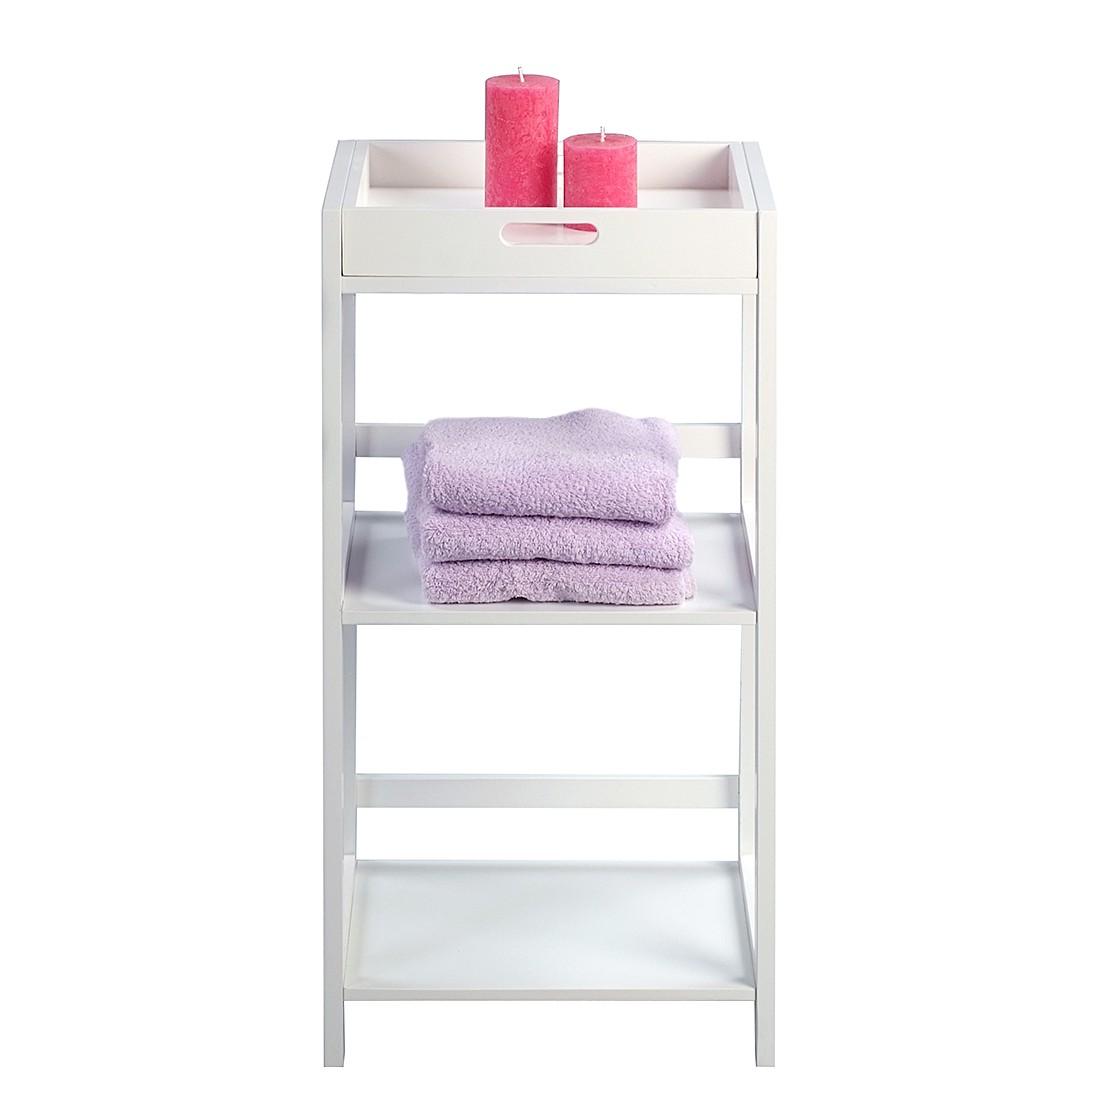 regal weiss 40cm tief preisvergleiche erfahrungsberichte und kauf. Black Bedroom Furniture Sets. Home Design Ideas